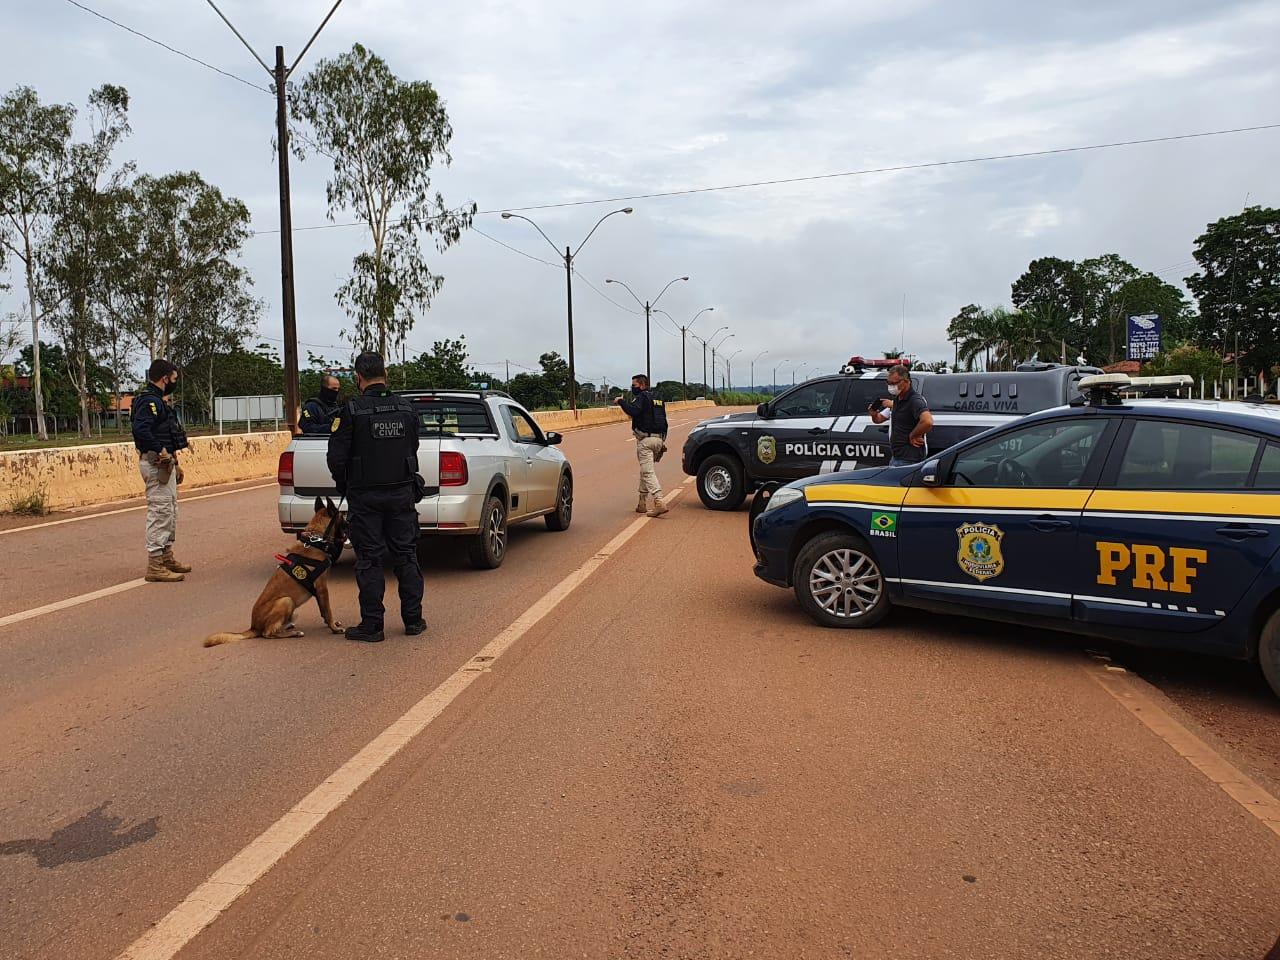 Com apoio de cão farejador, PRF e Polícia Civil realizam blitz na BR-364